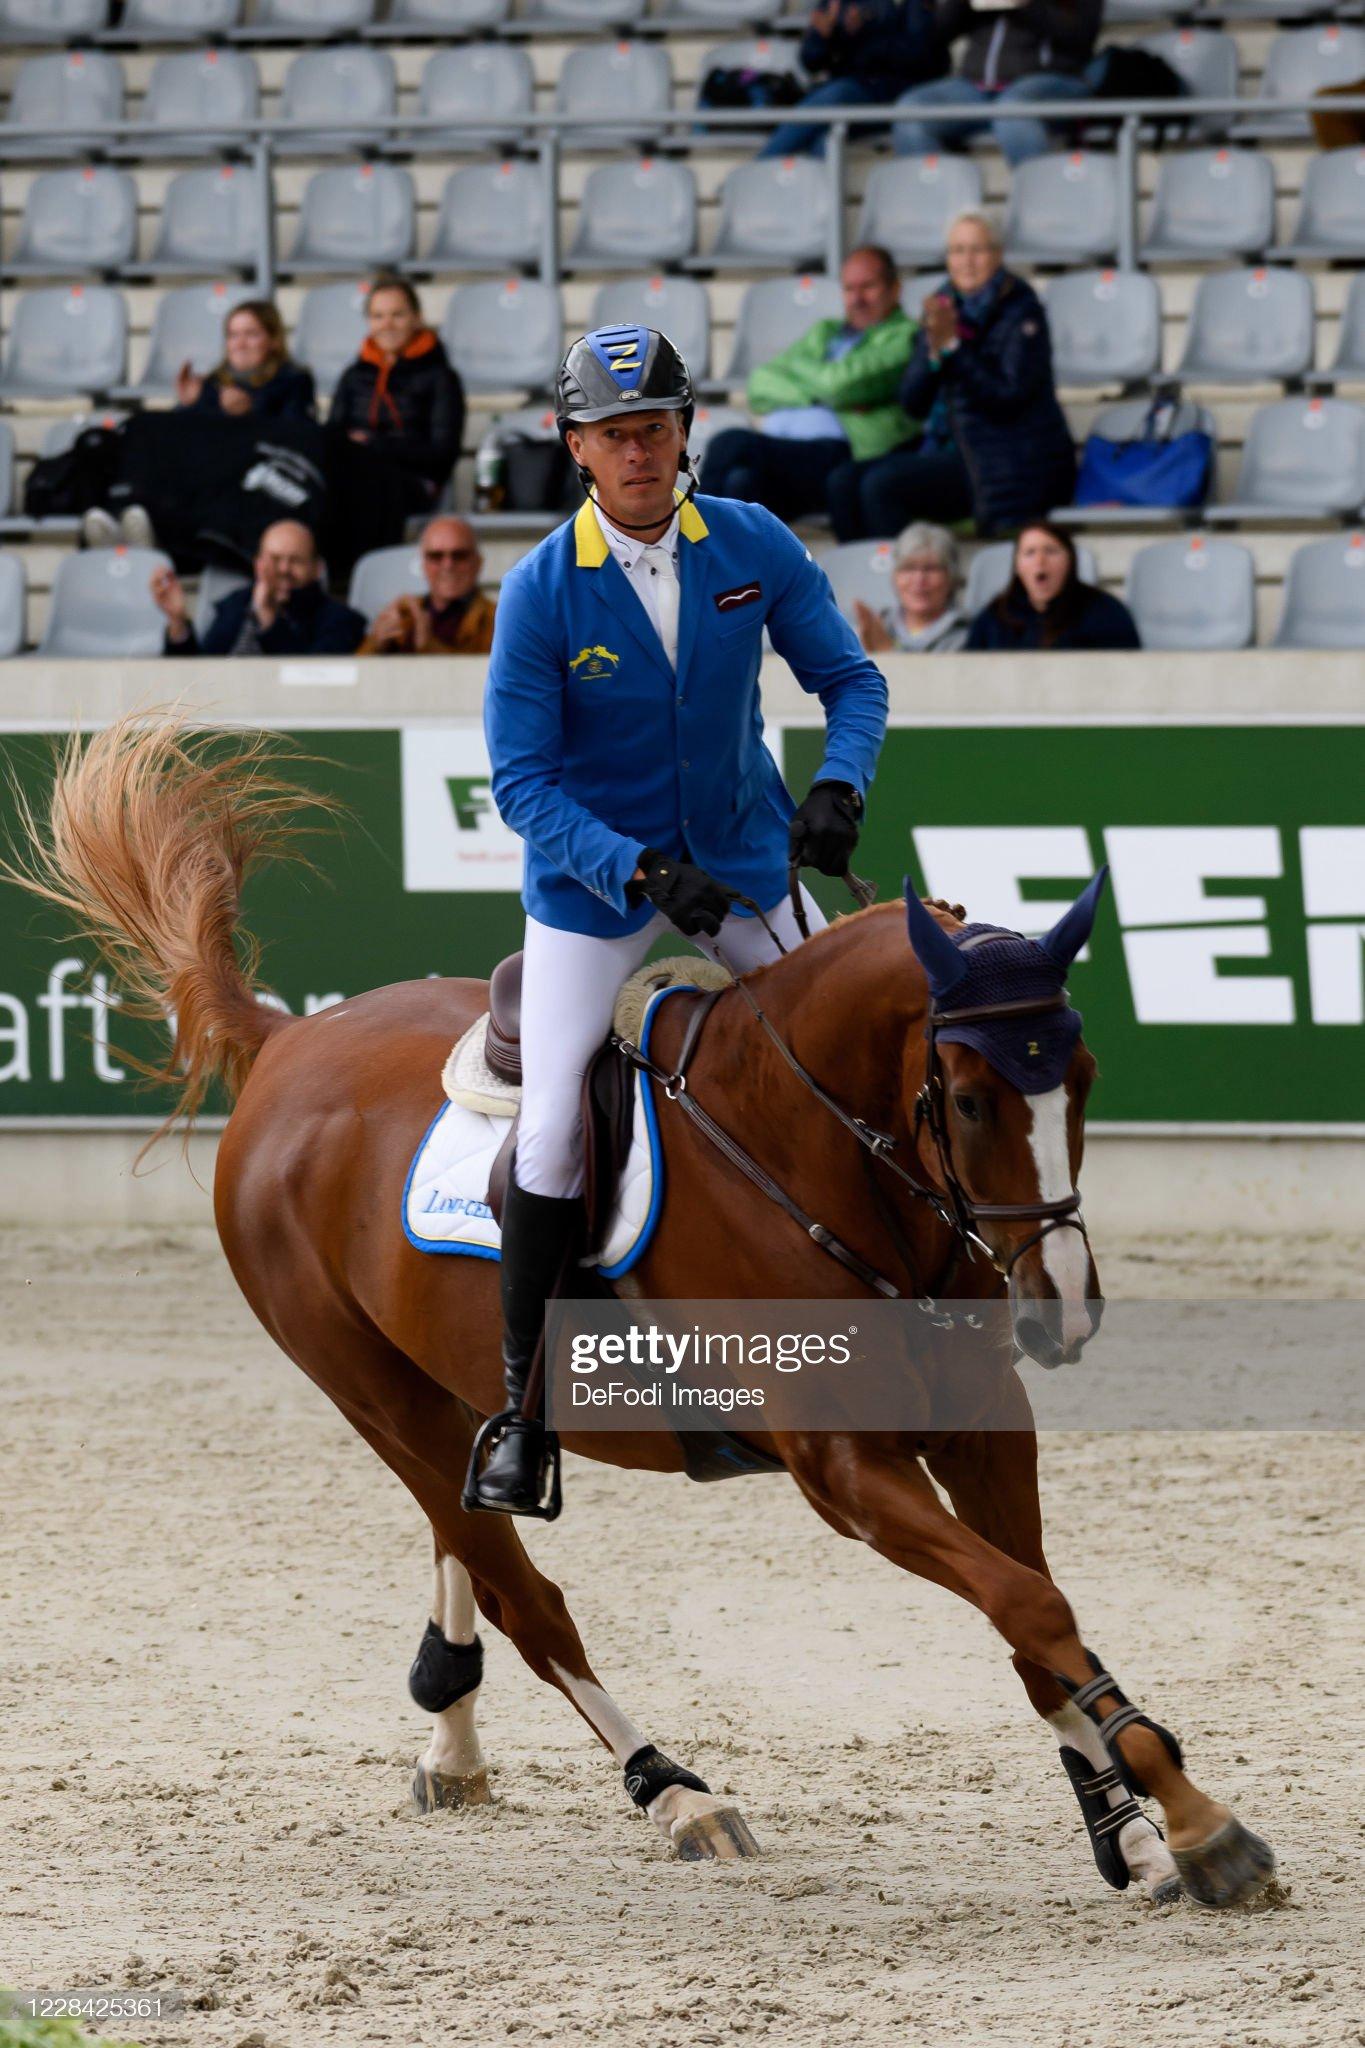 Aachen International Jumping : News Photo